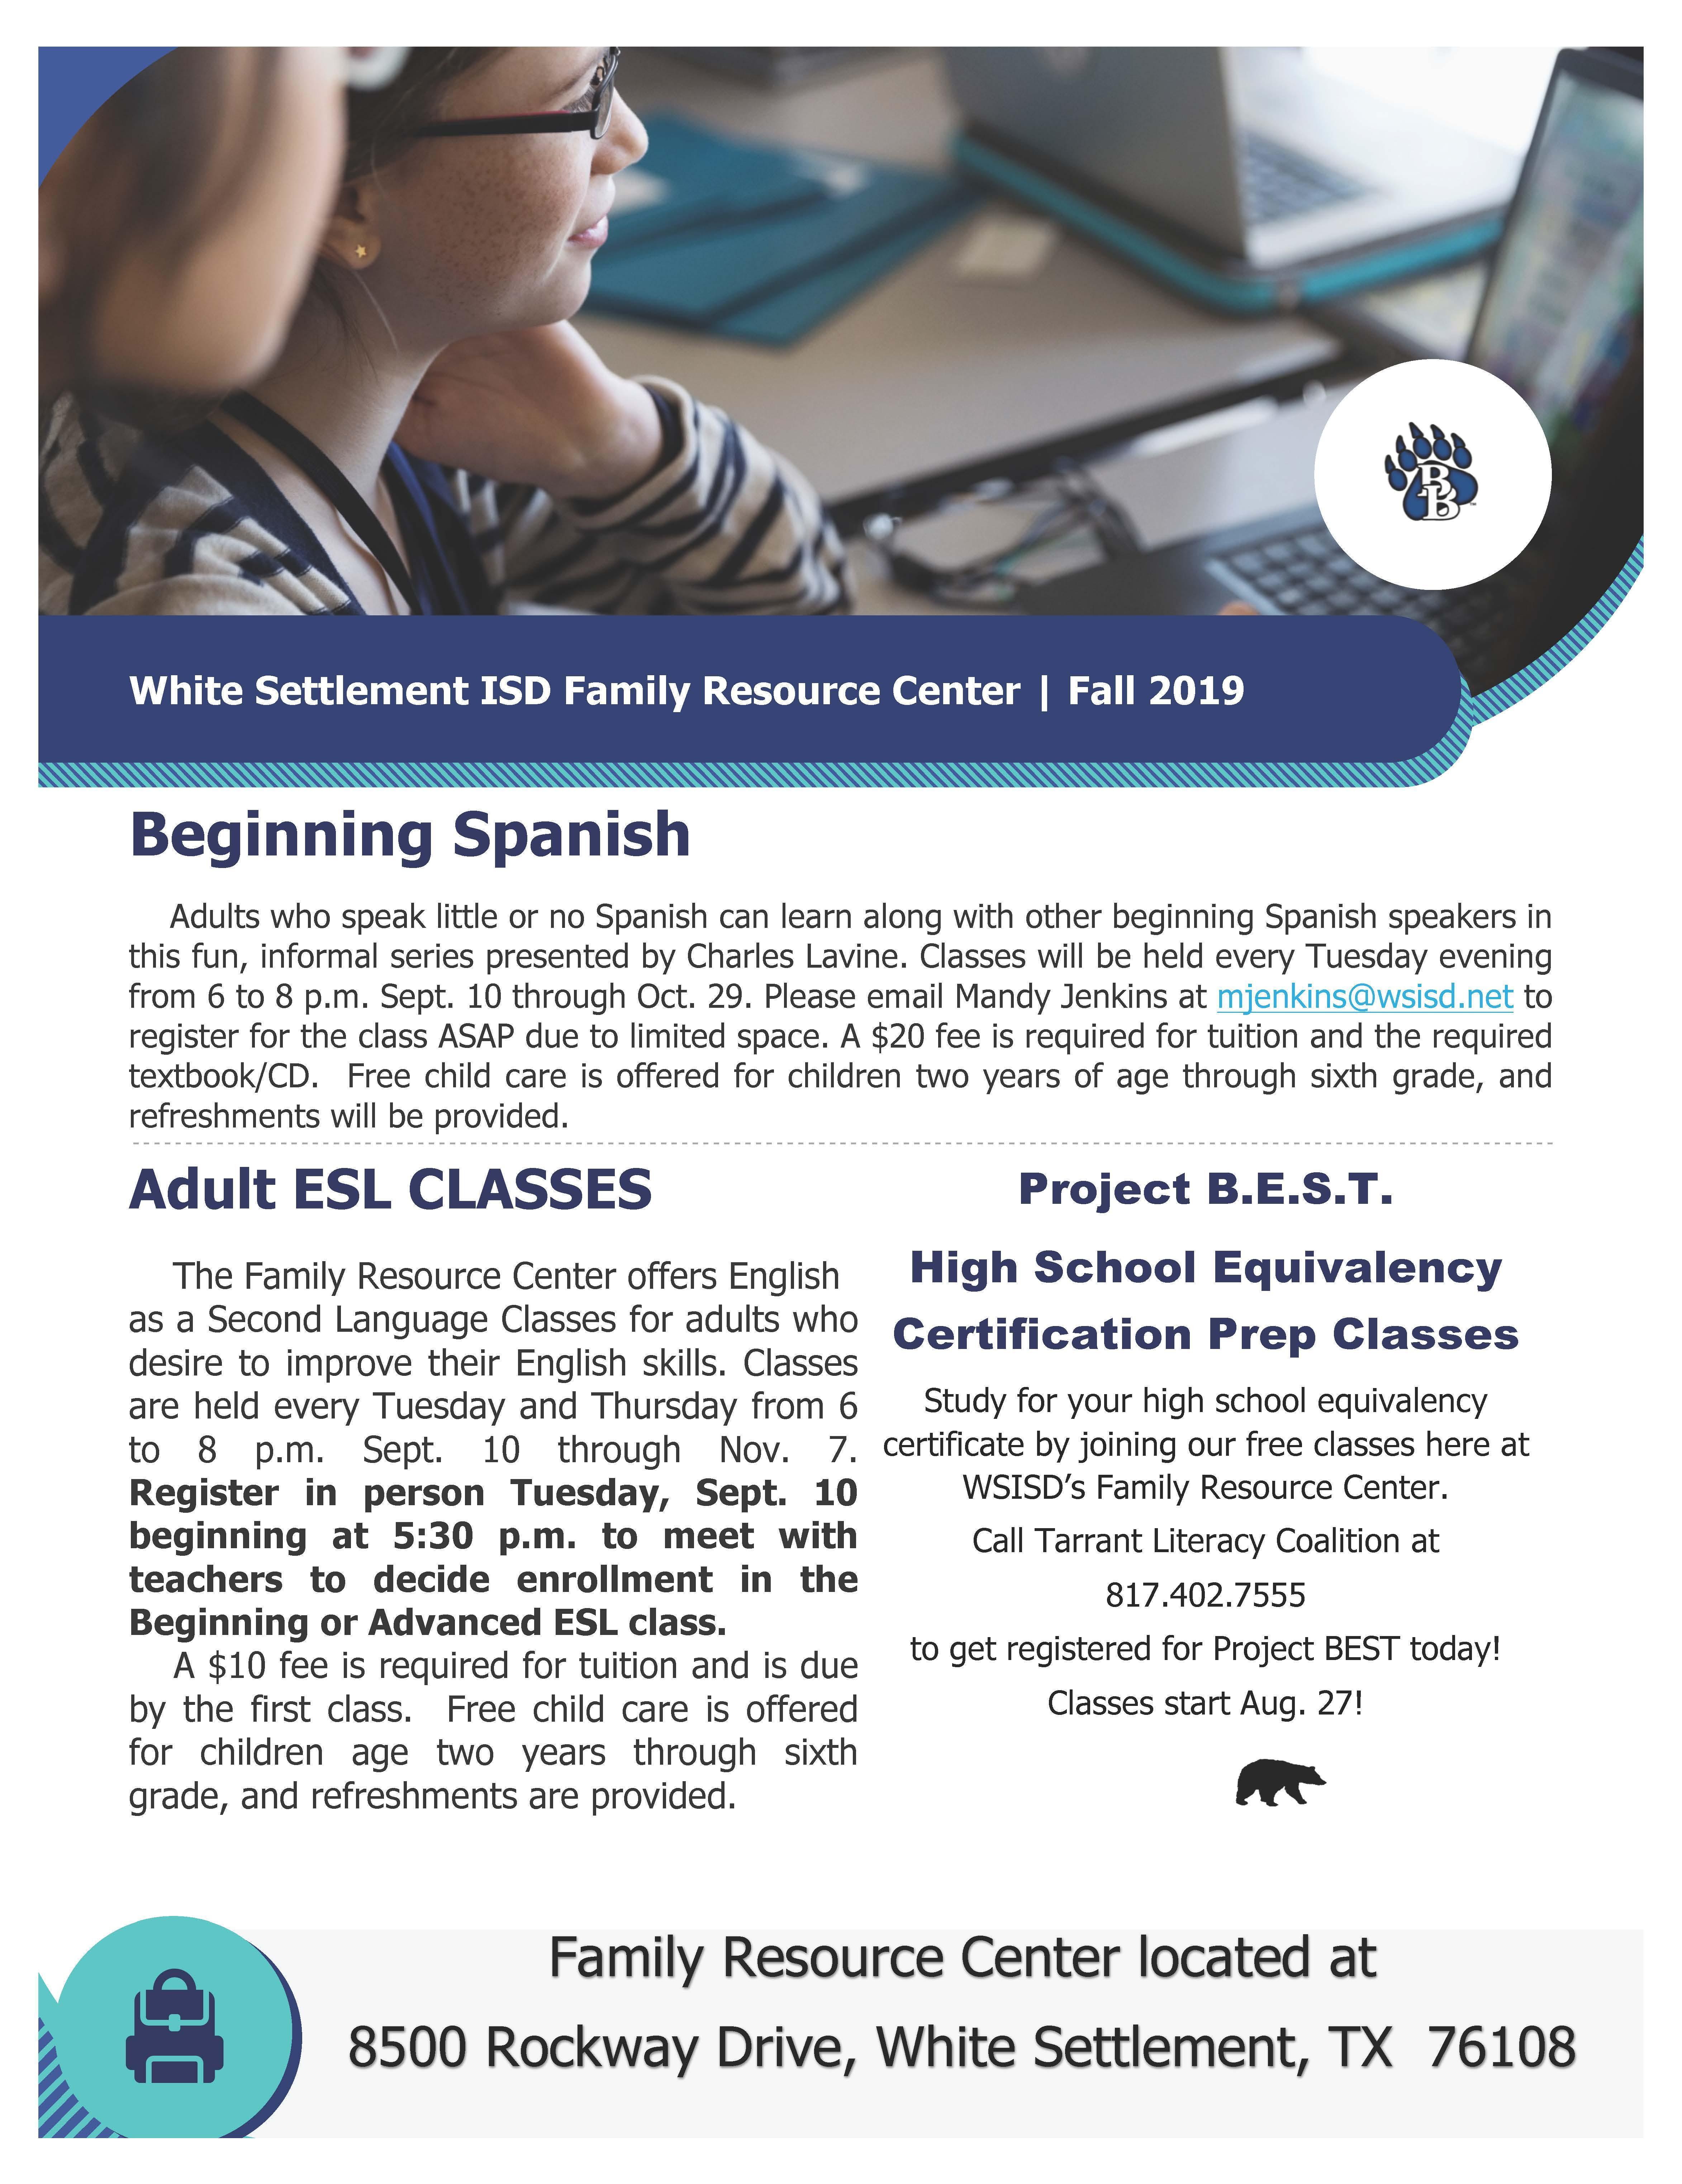 Family Resource Center Newsletter